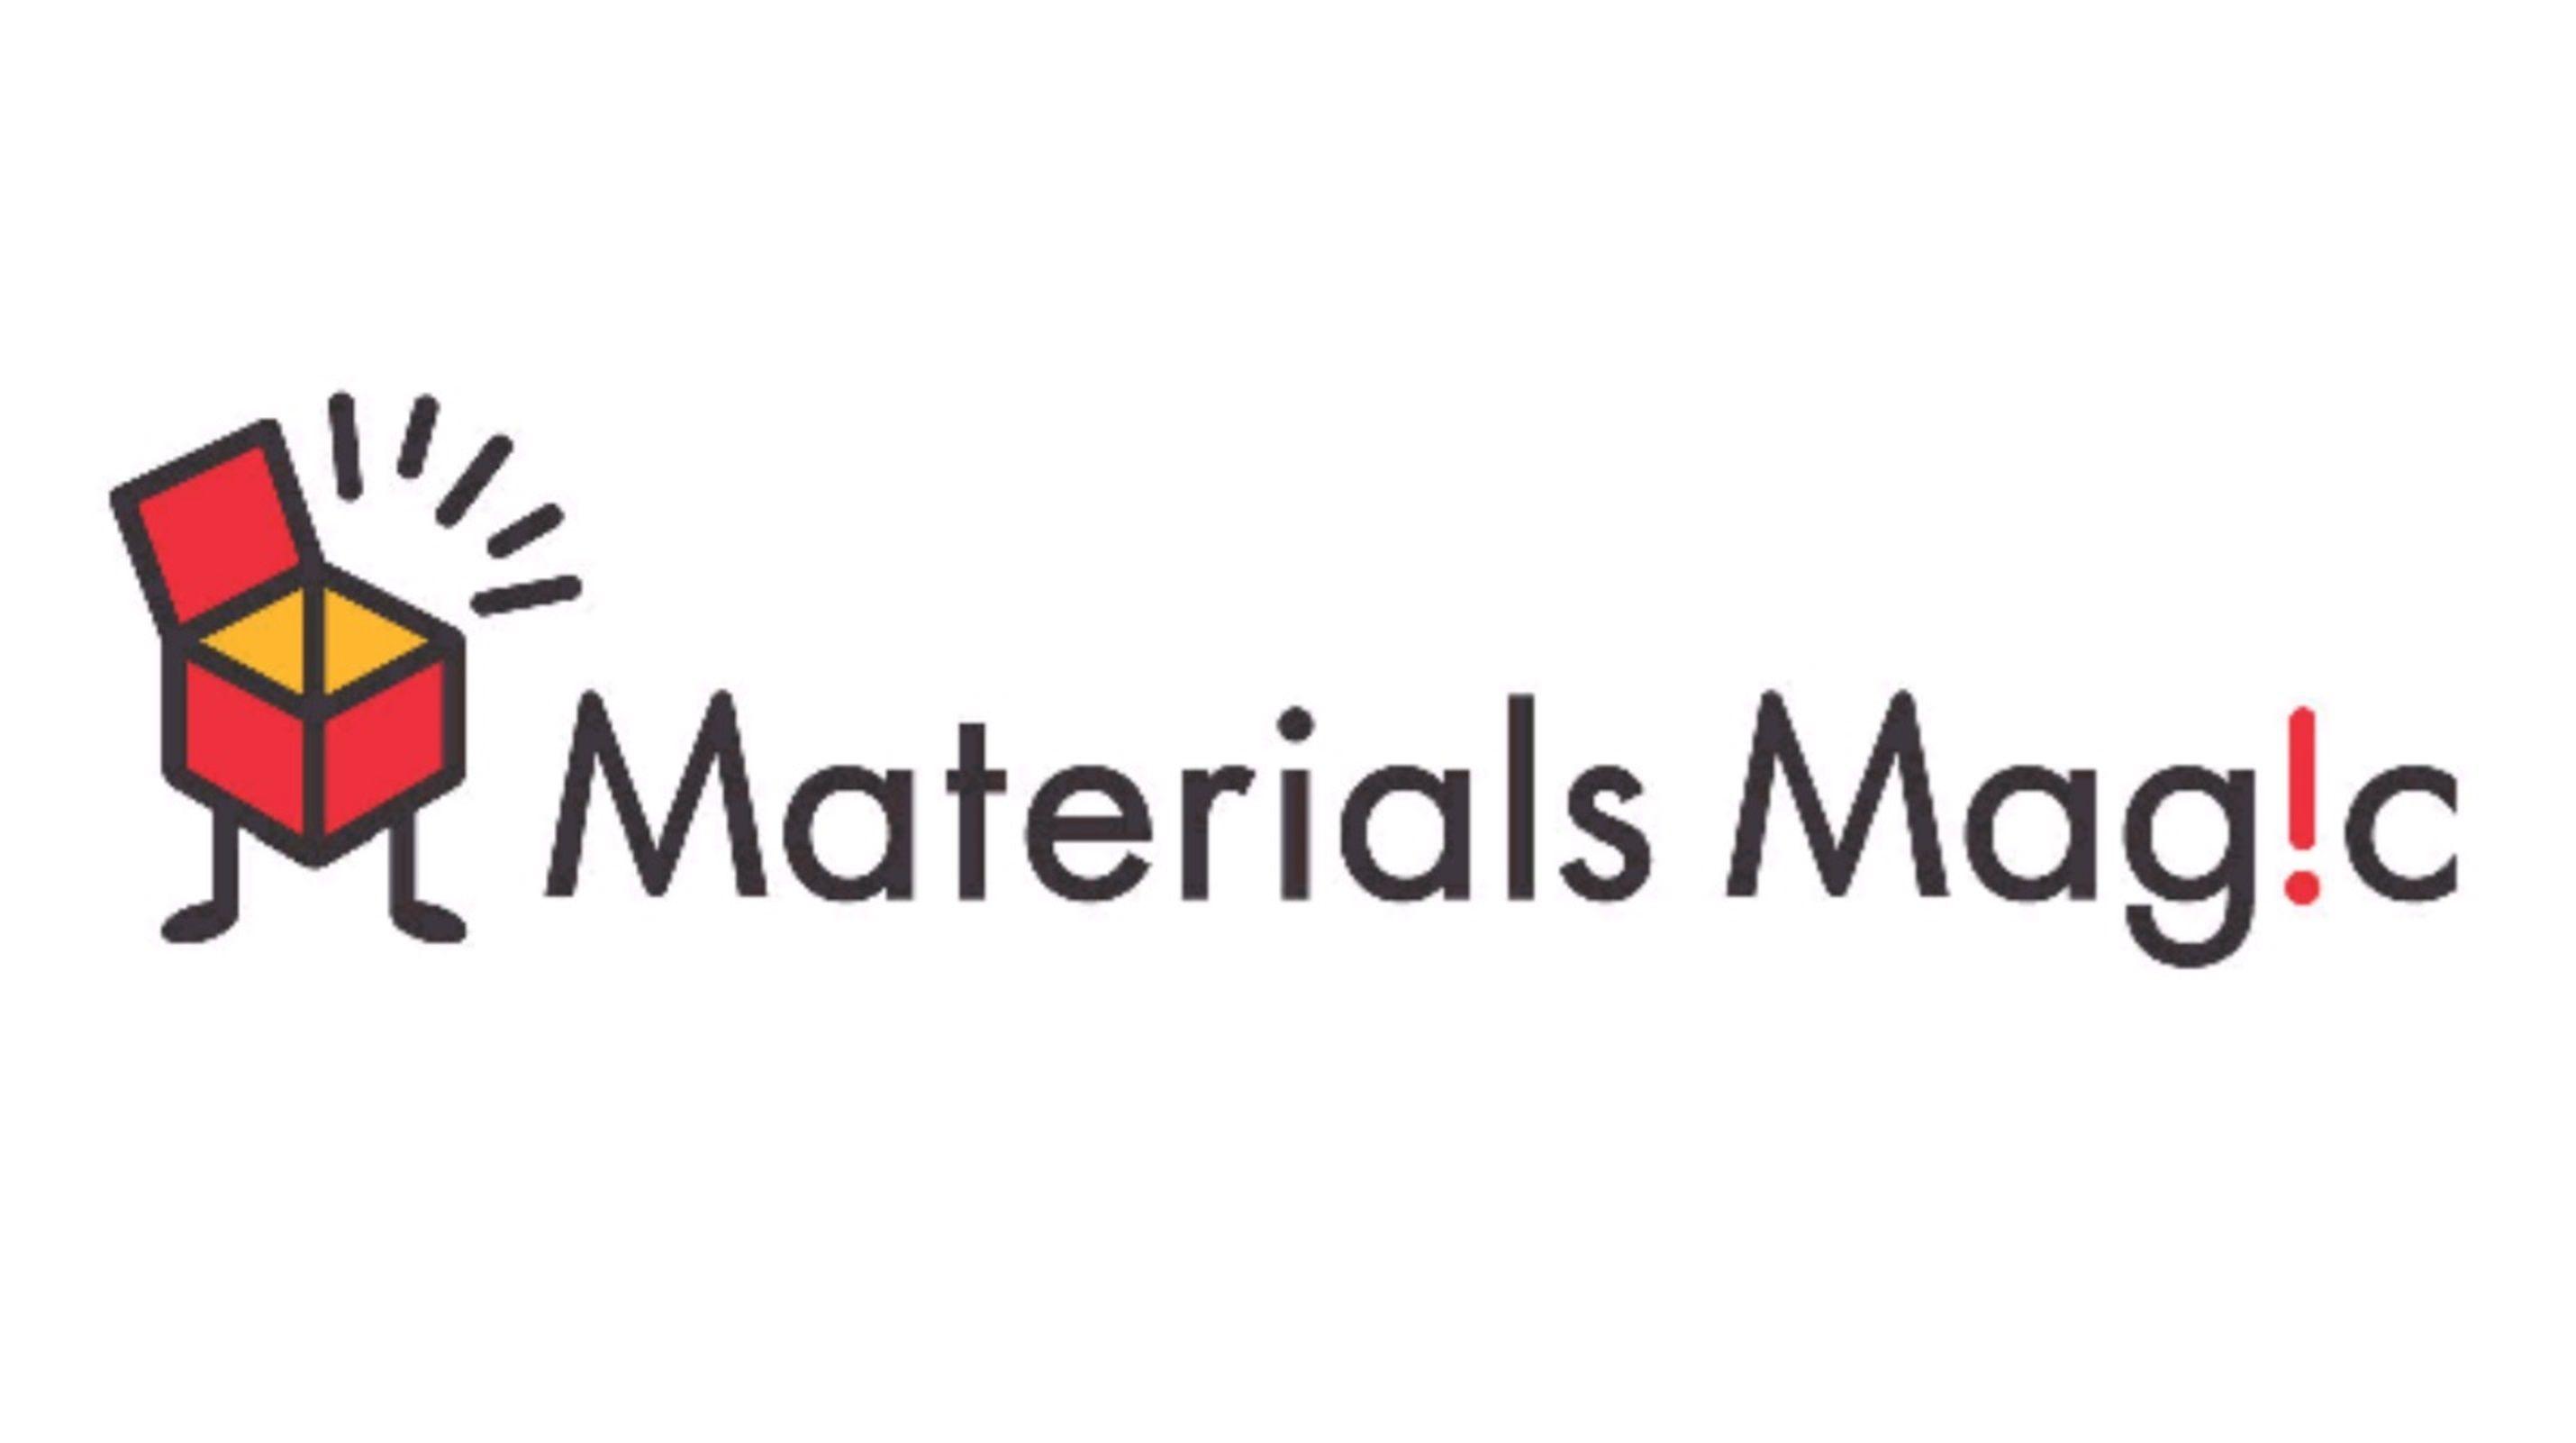 日立製作所、日立金属の全保有株式をベインキャピタル連合に売却